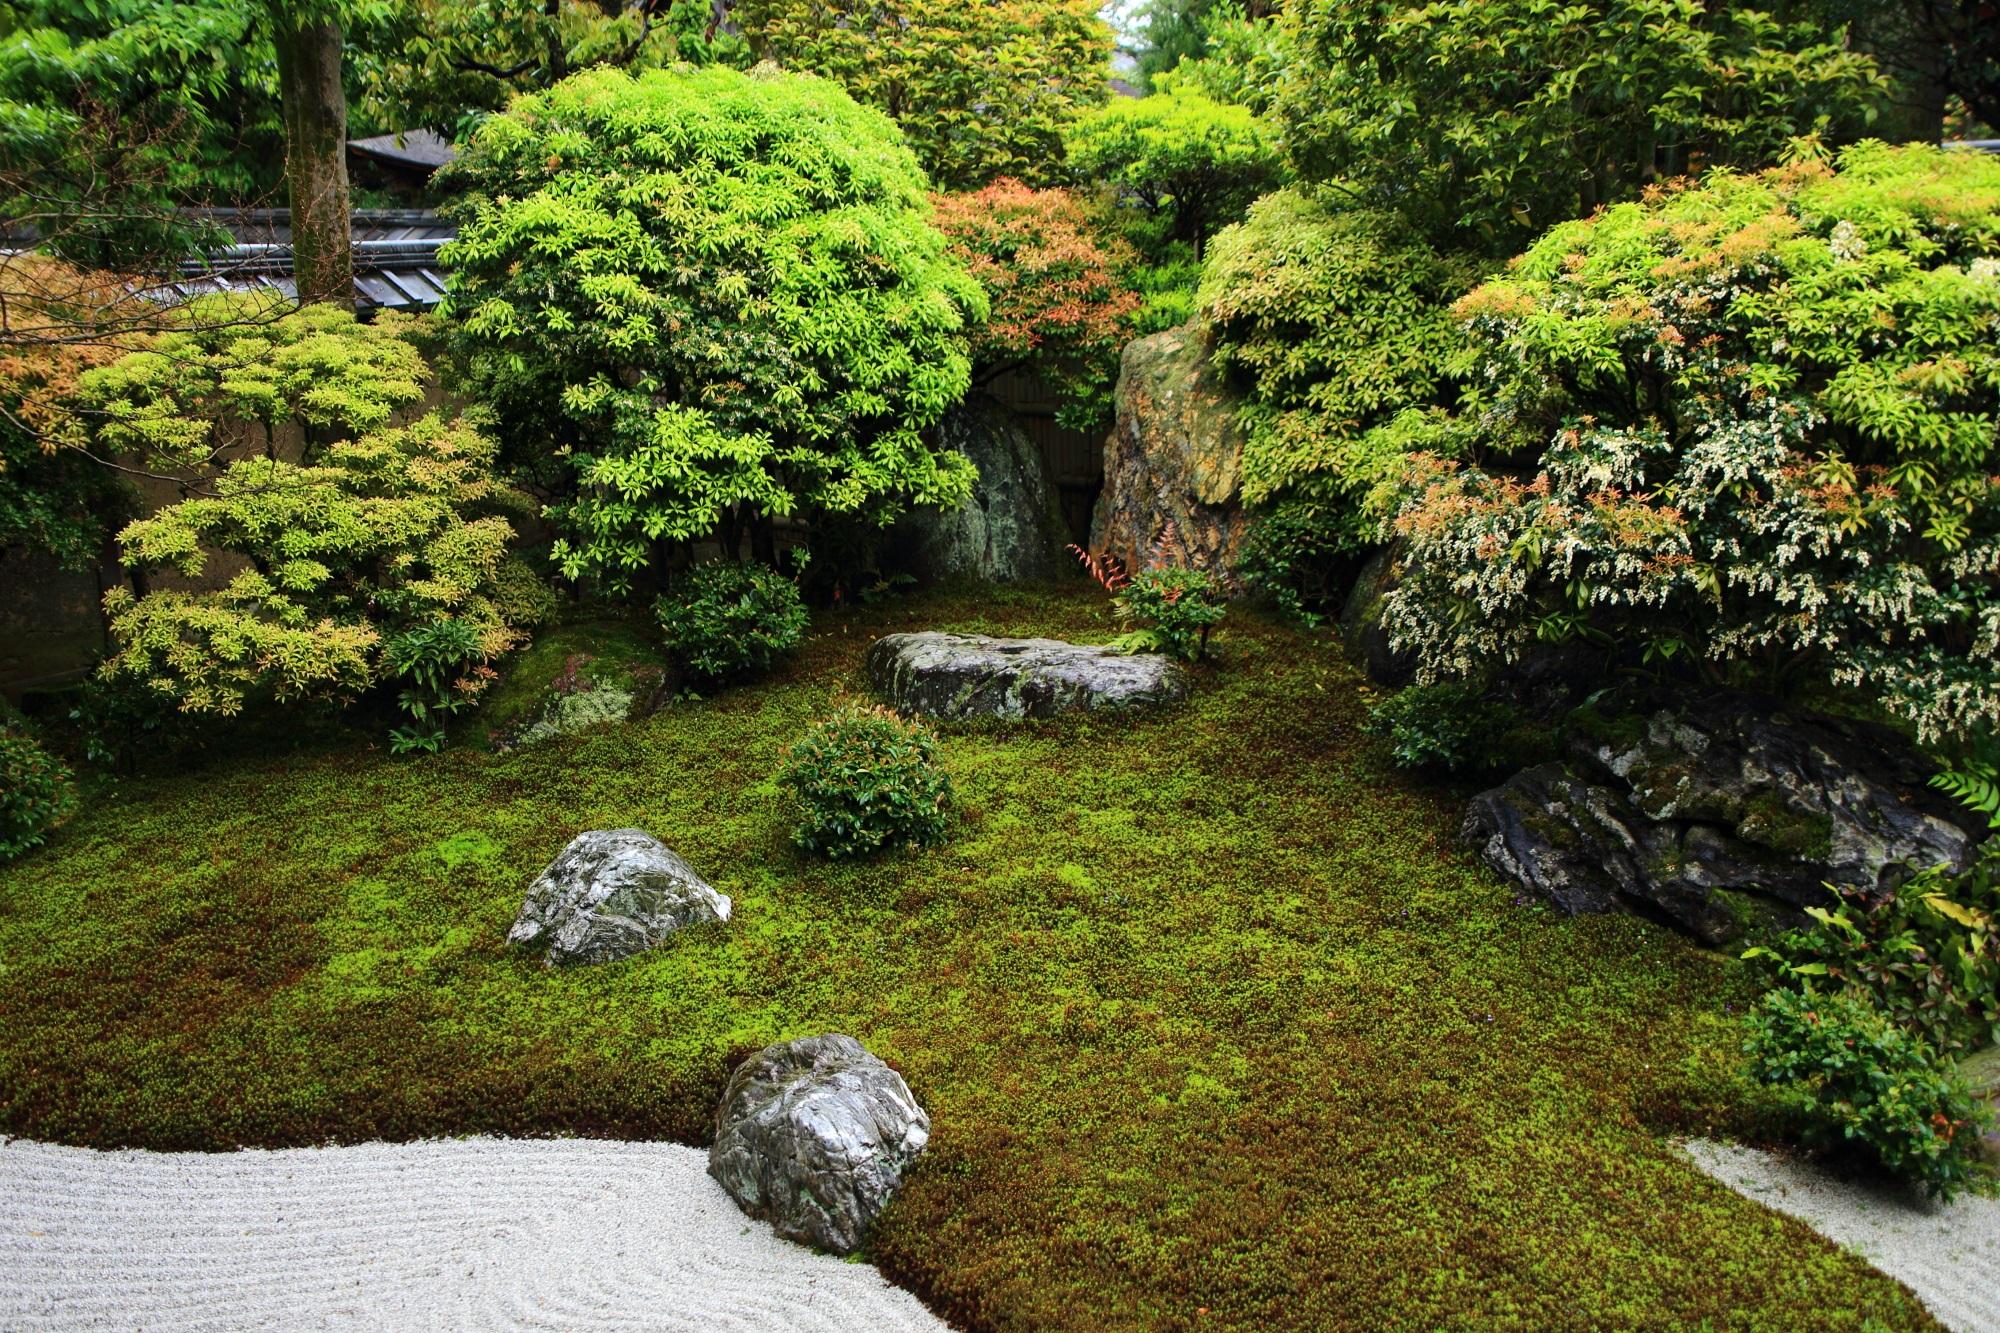 多種多様な植物の刈り込み庭園に趣きを加える阿吽庭(あうんてい)